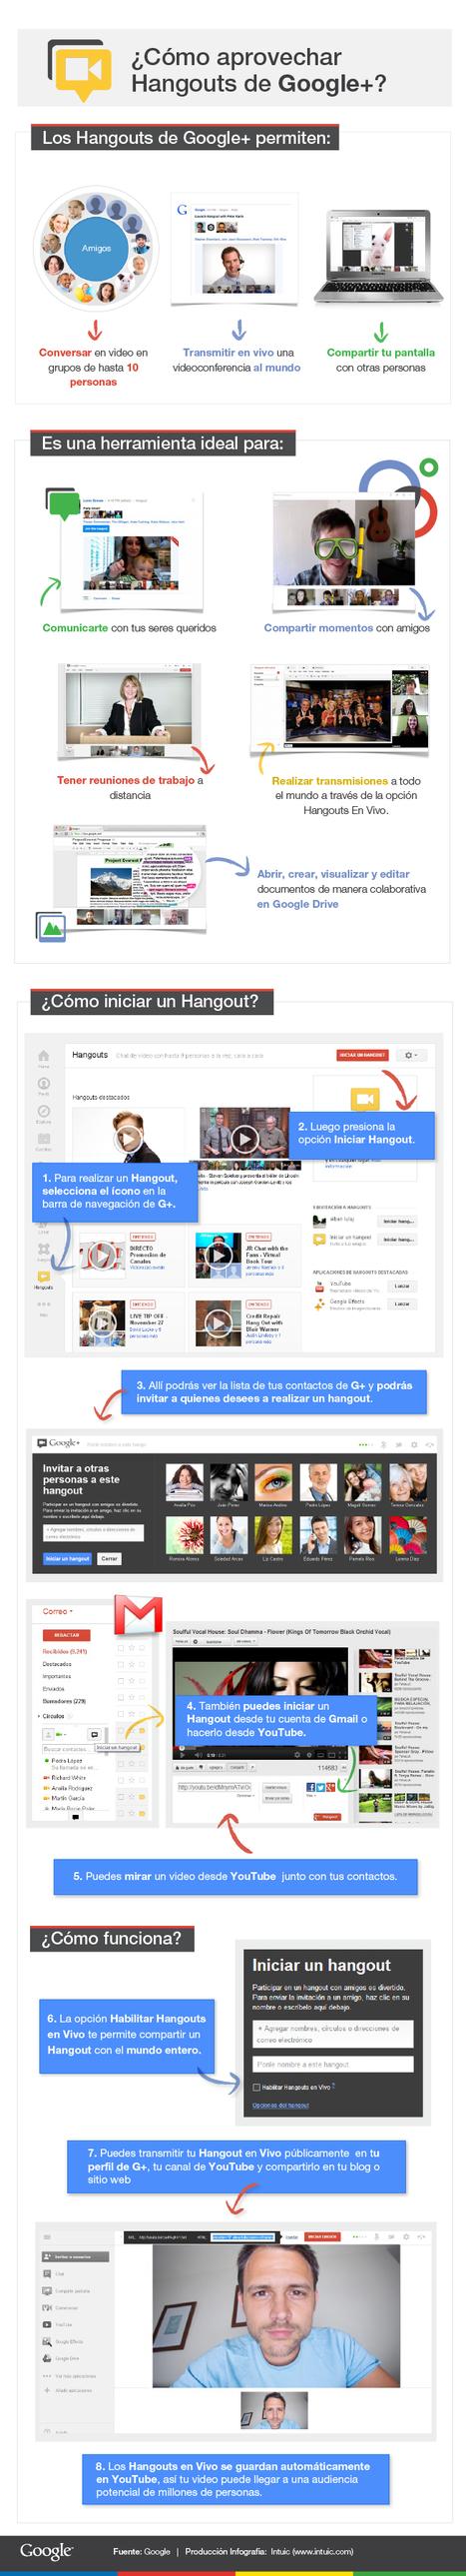 Infografía en español explicando los Hangouts de Google | Las TIC y la Educación | Scoop.it